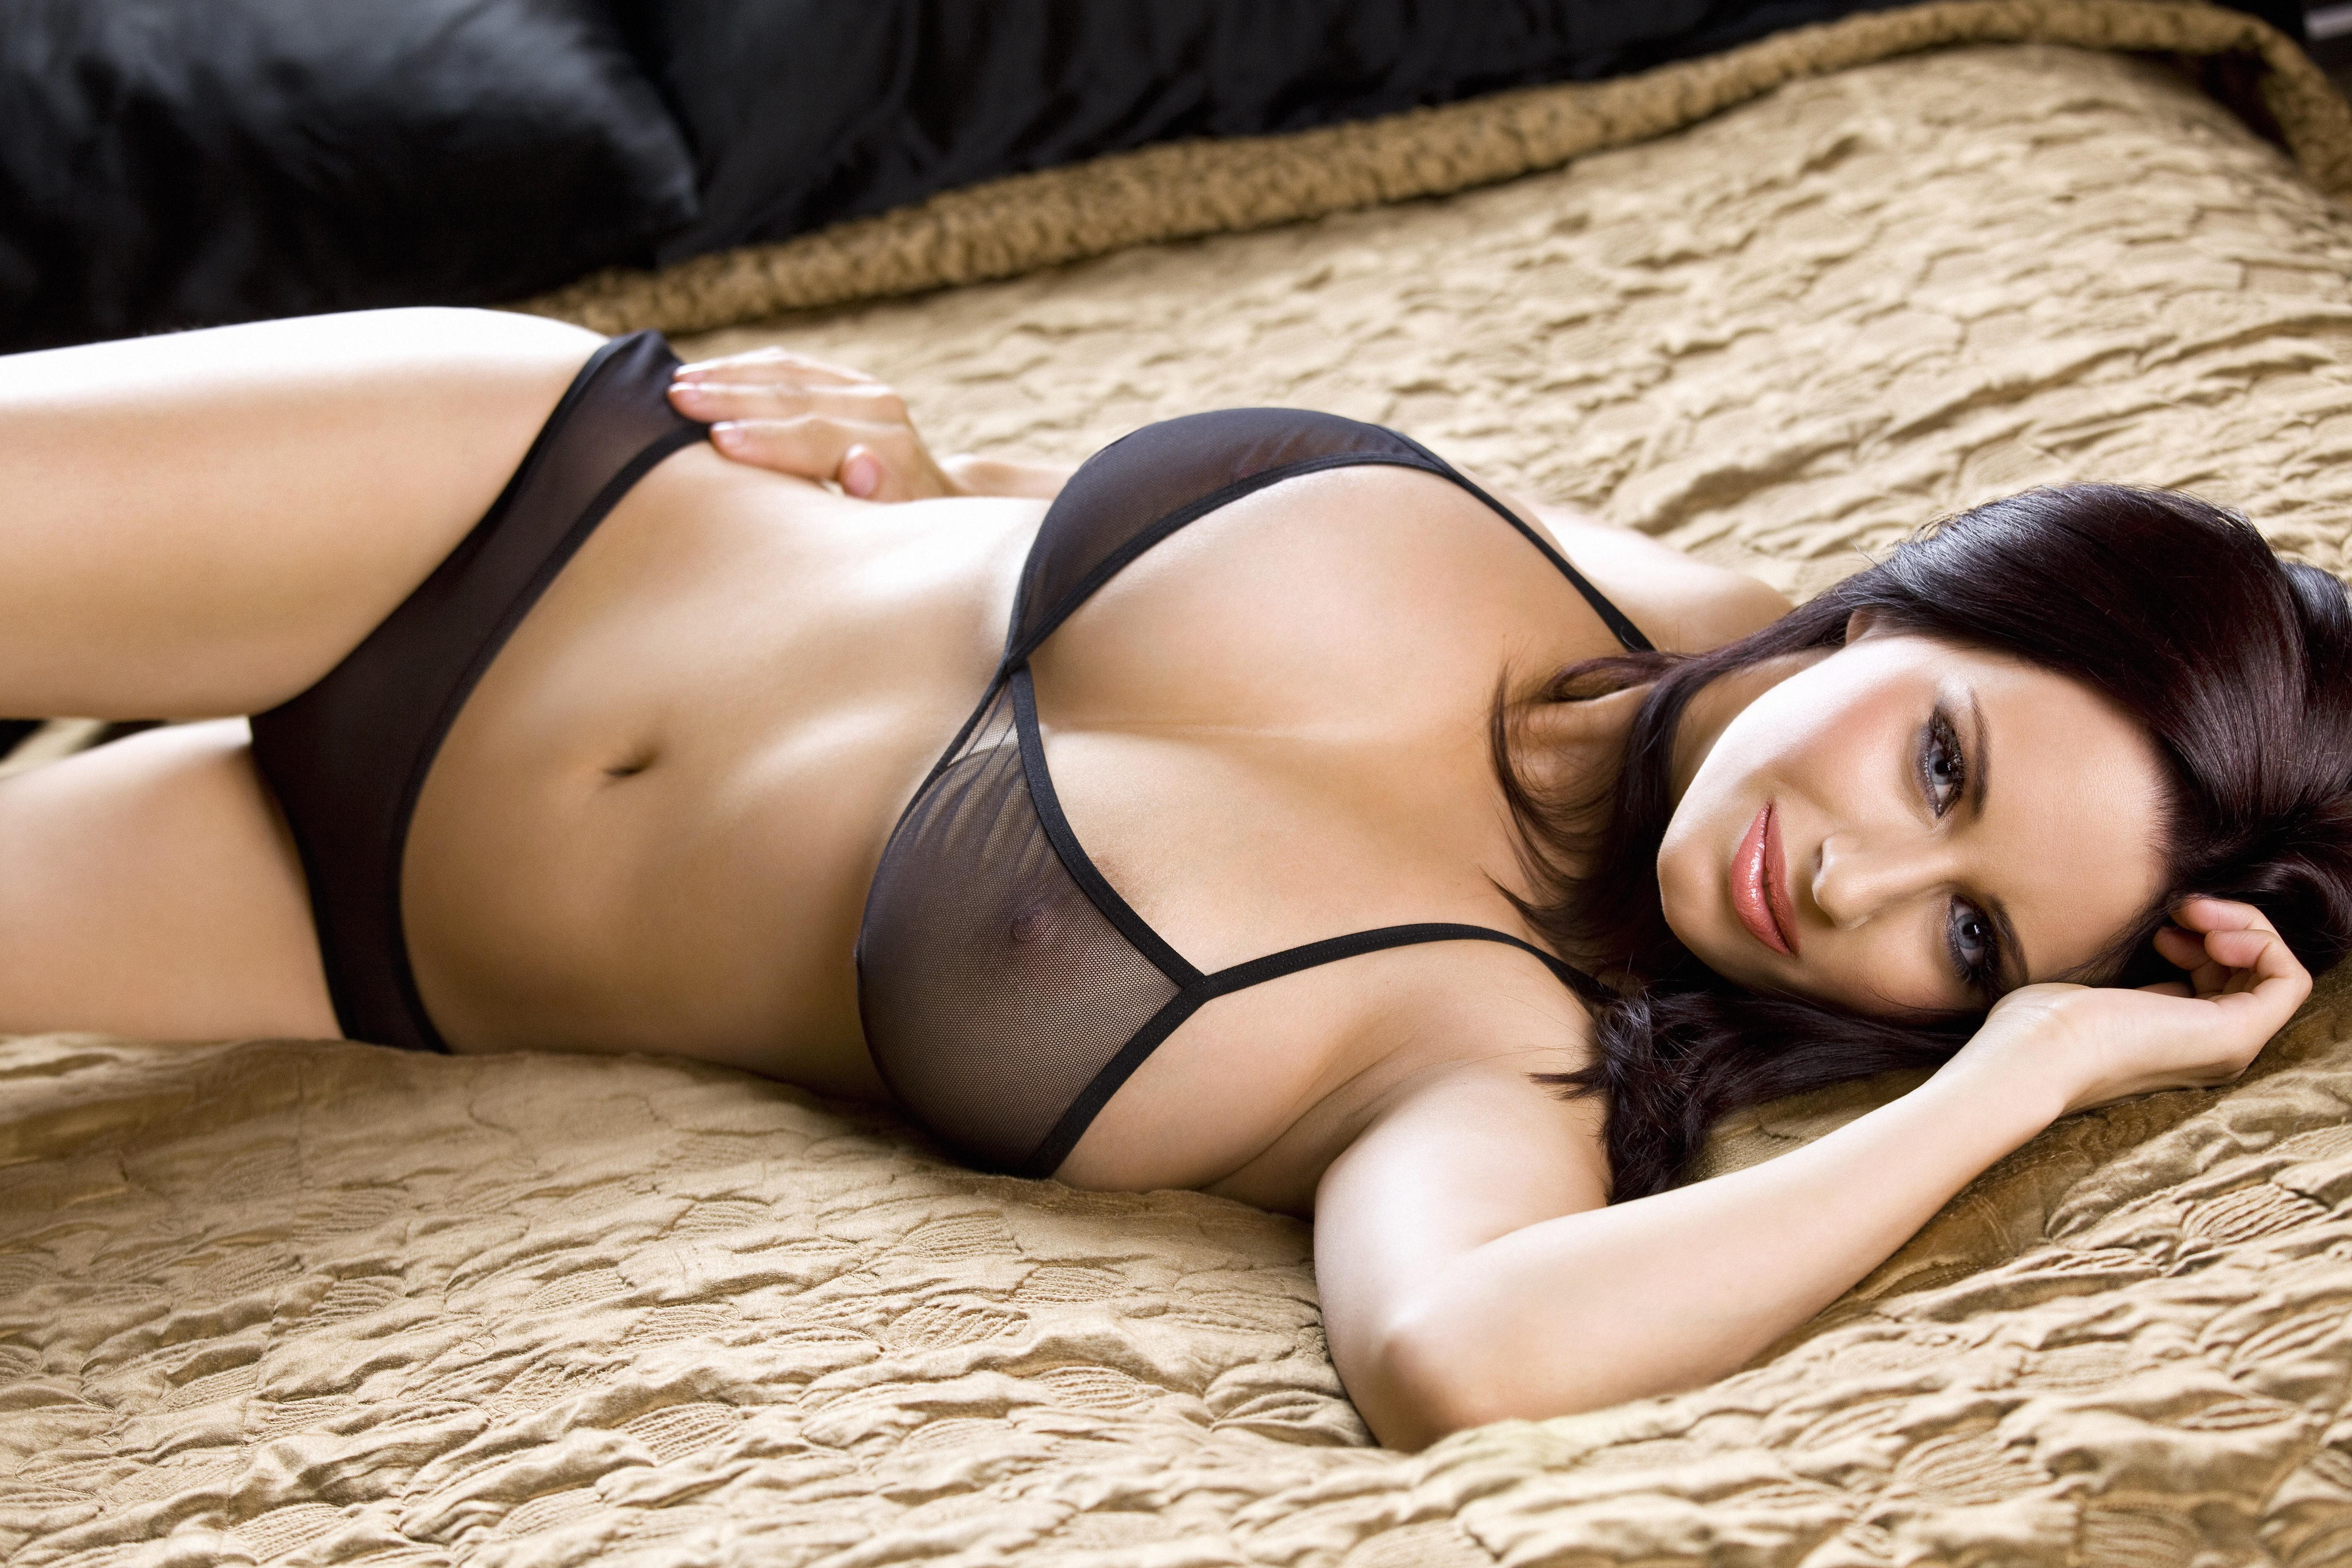 Самые красивые девушки мира сексуальные фото 24 фотография